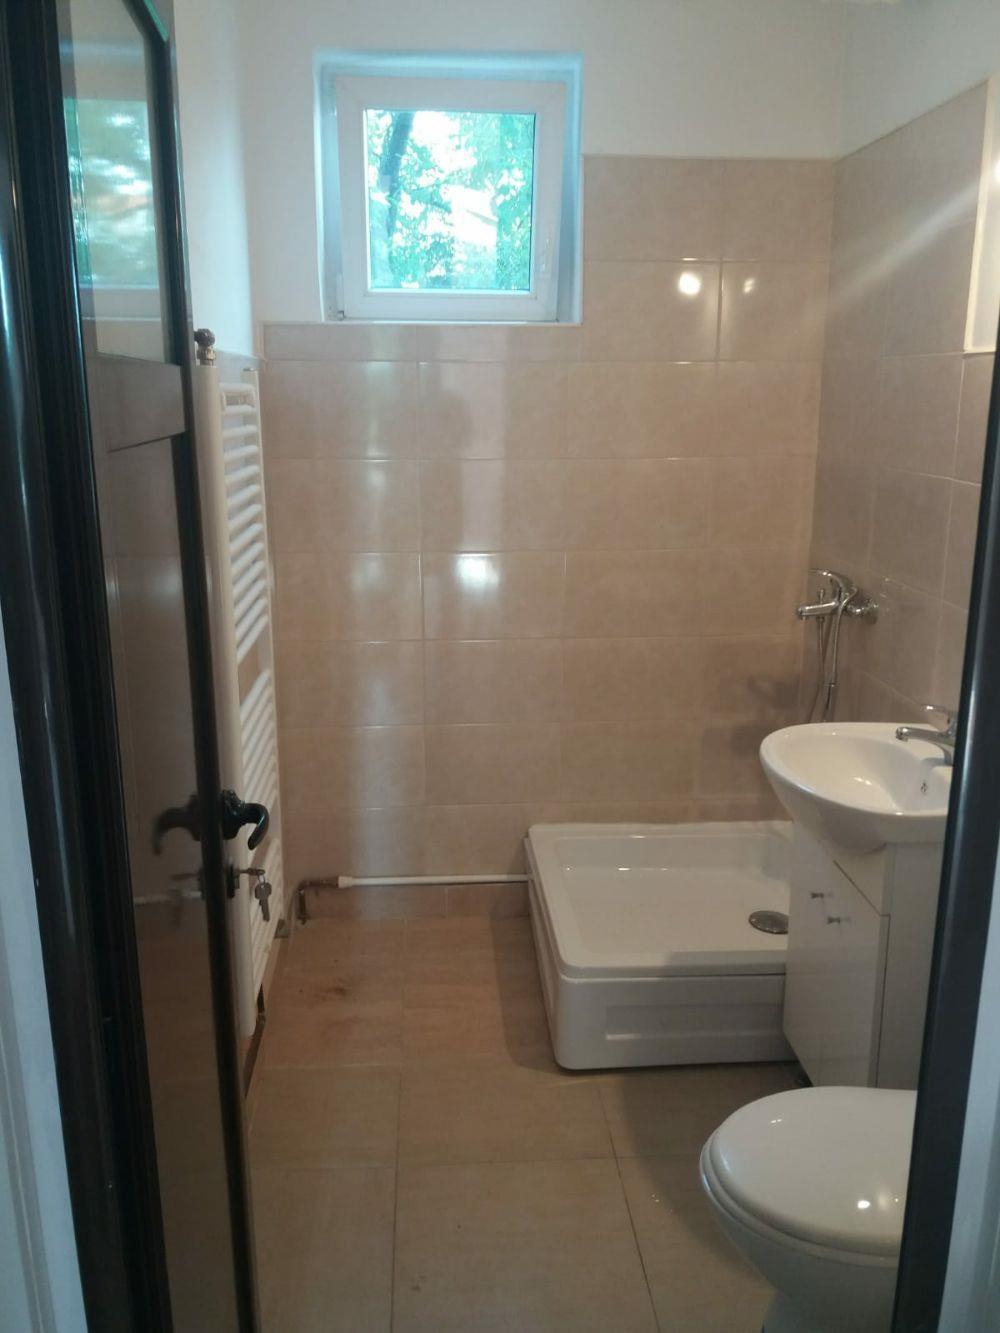 Proprietar vand apartament central 2 camere bloc de caramida et 2 - imagine 7